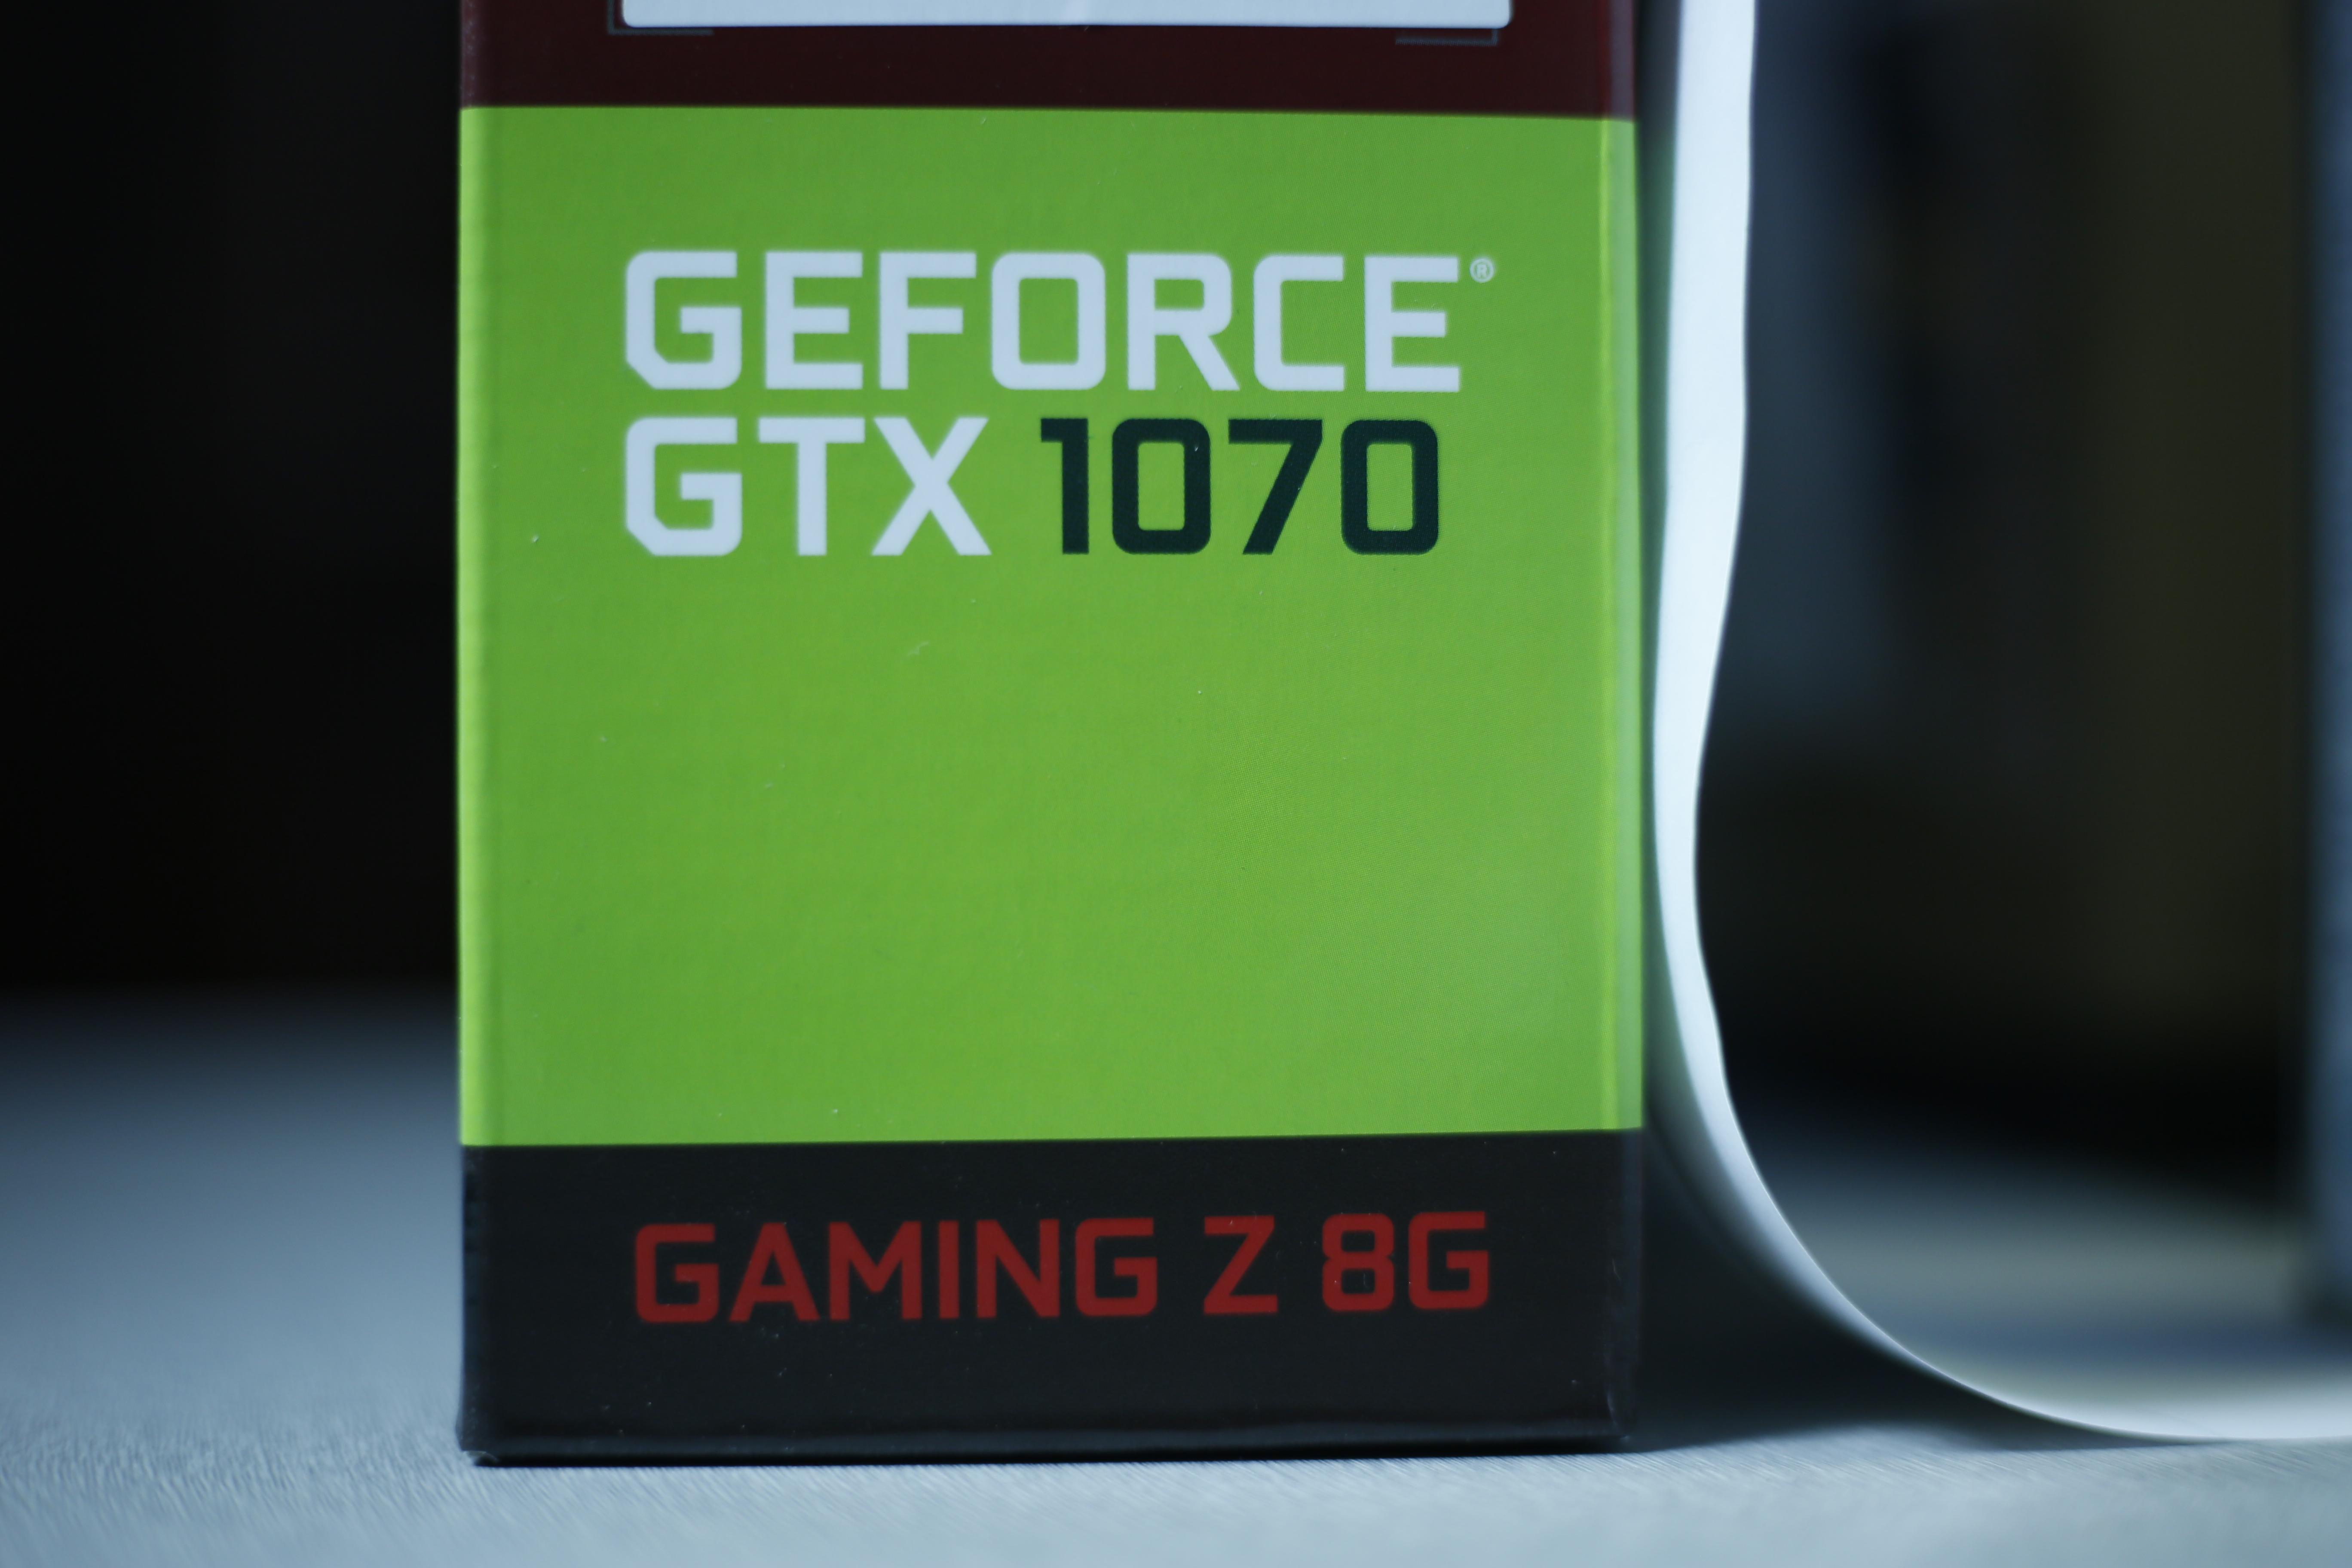 MSI GTX 1070 Z (28)